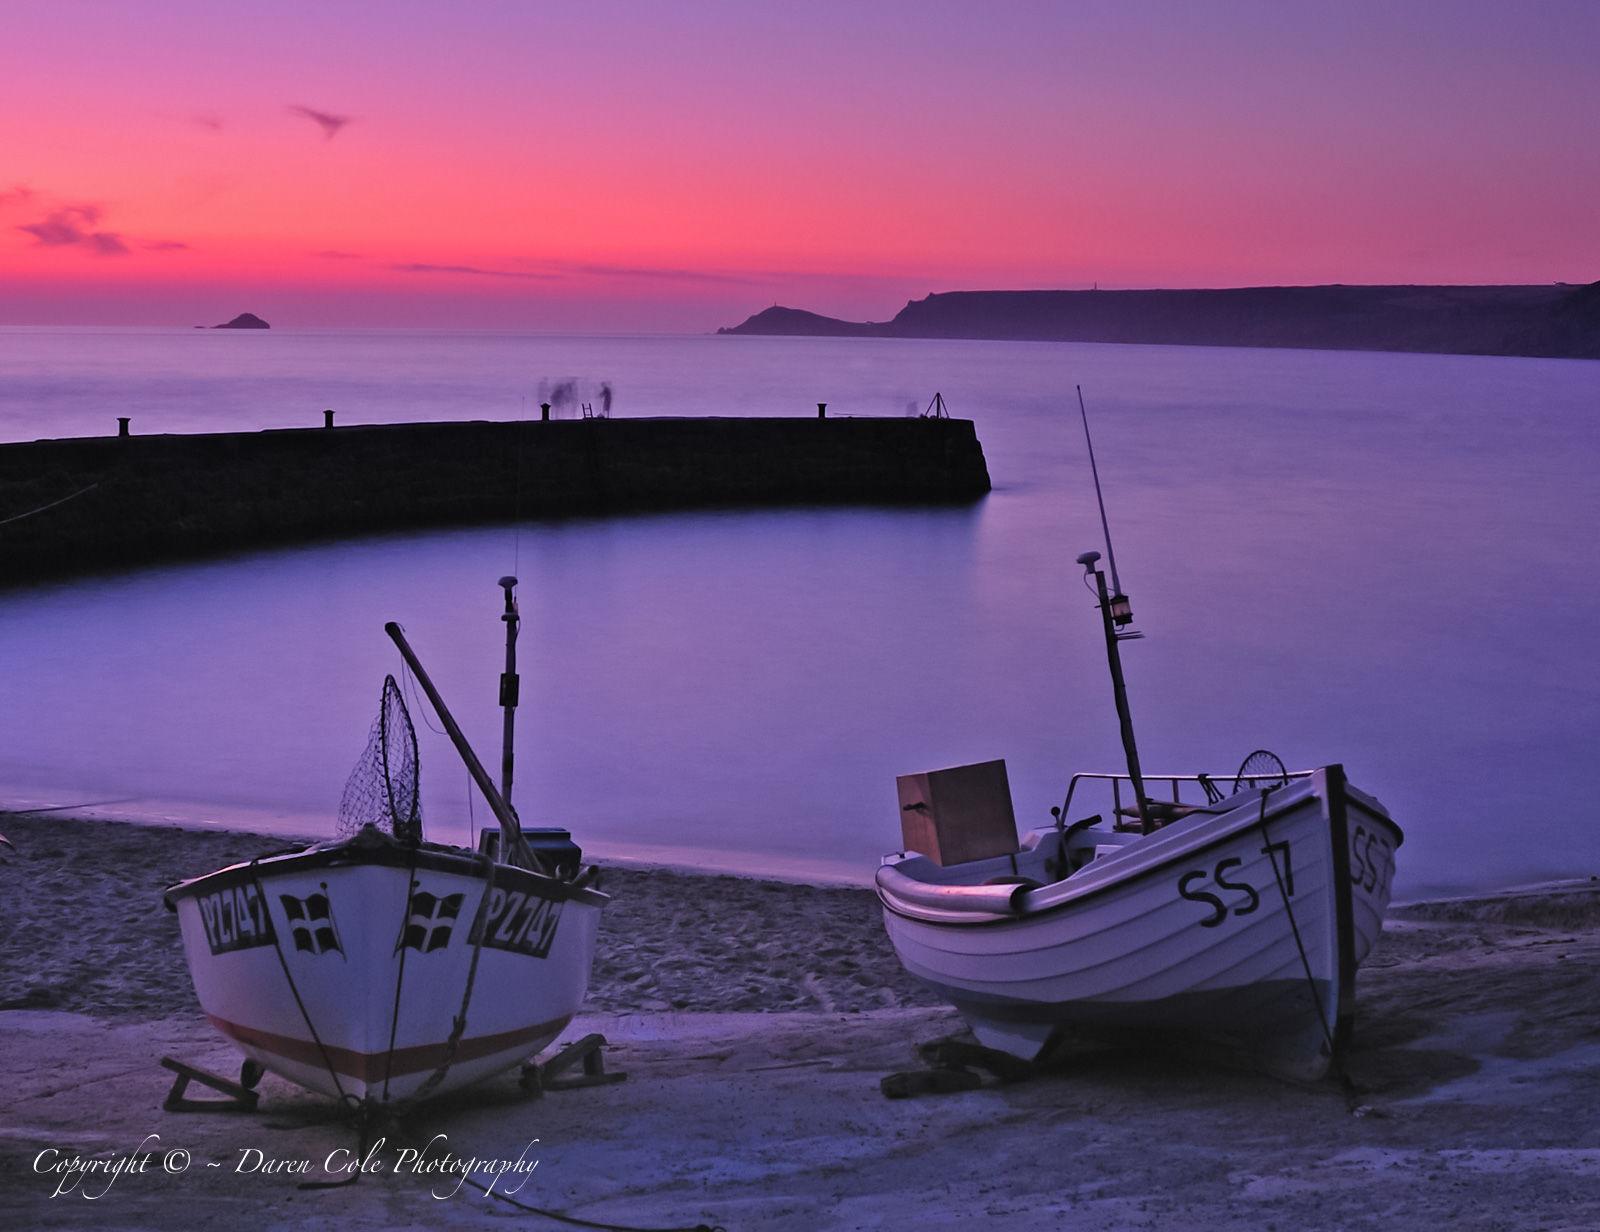 2 Boats Breakwater Sunset 1